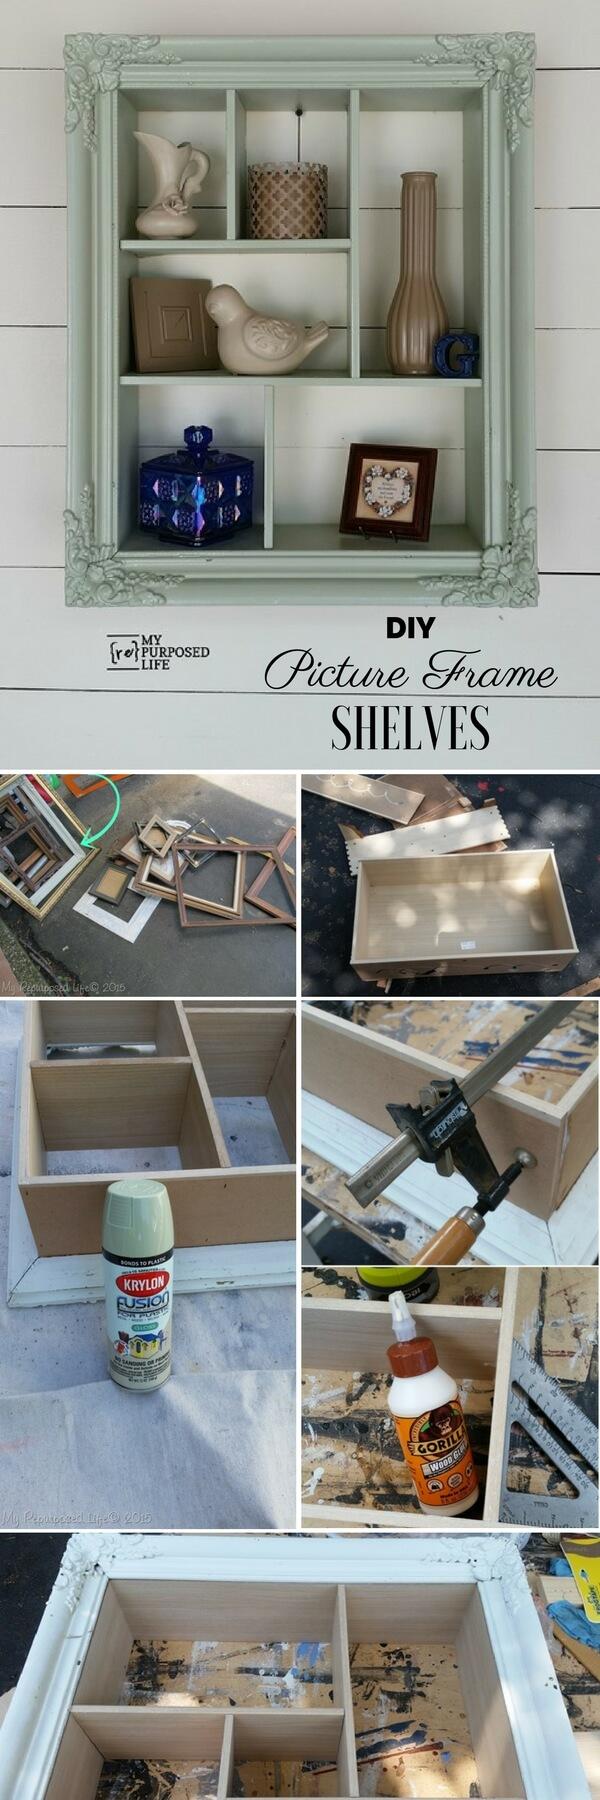 picture-frame-shelves-k4craft